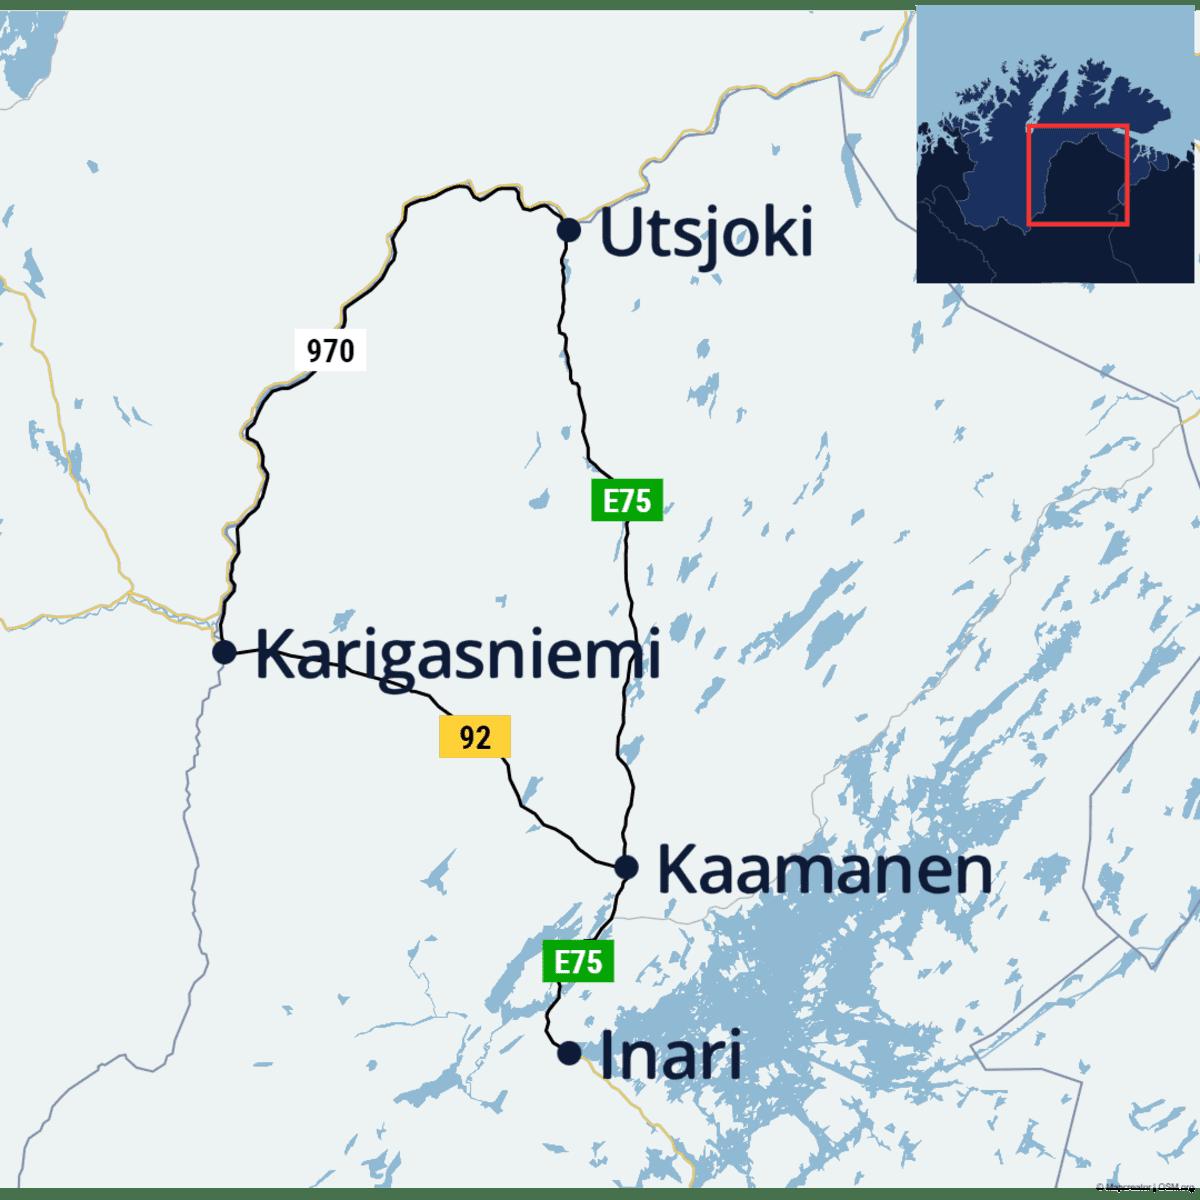 Kartta pyöräilyreitistä Inari-Kaamanen-Karigasniemi-Utsjoki-Kaamanen